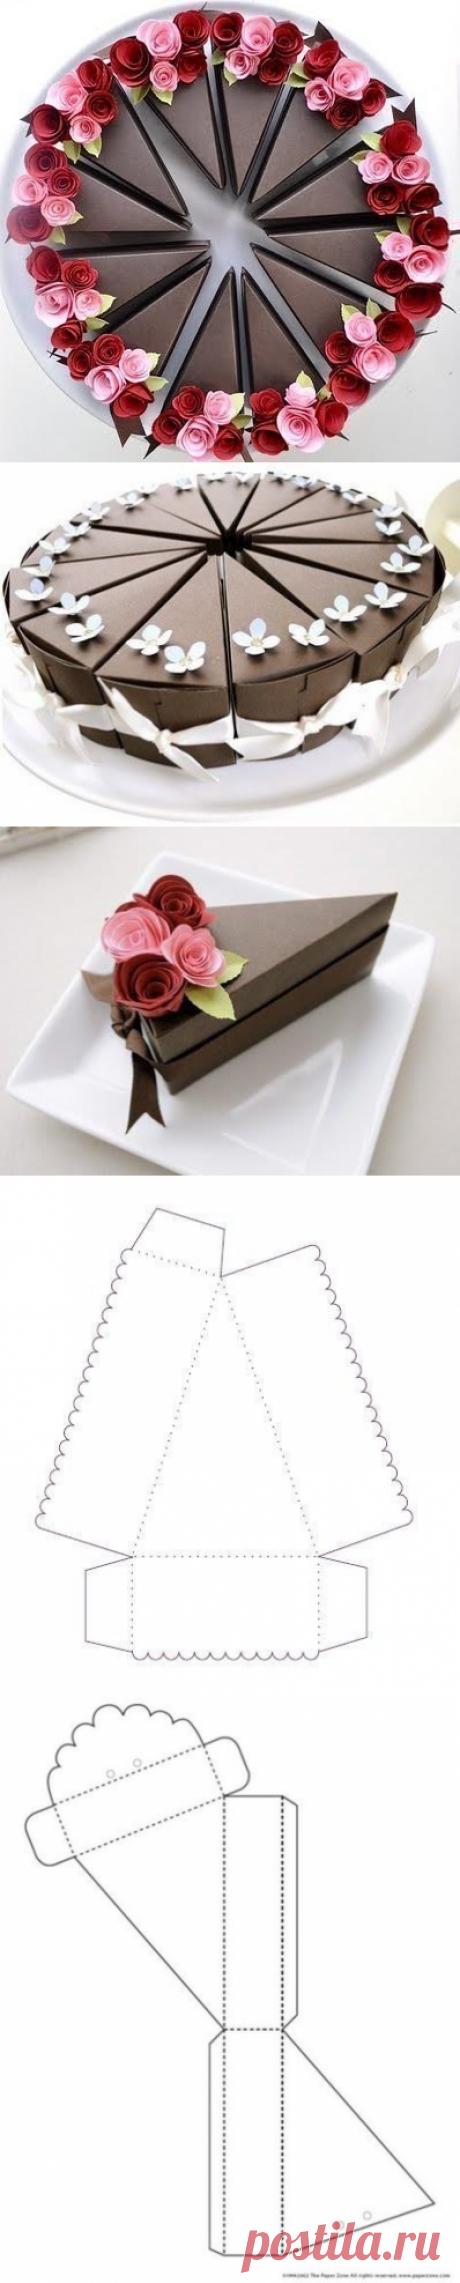 Необычная подарочная упаковка в виде торта